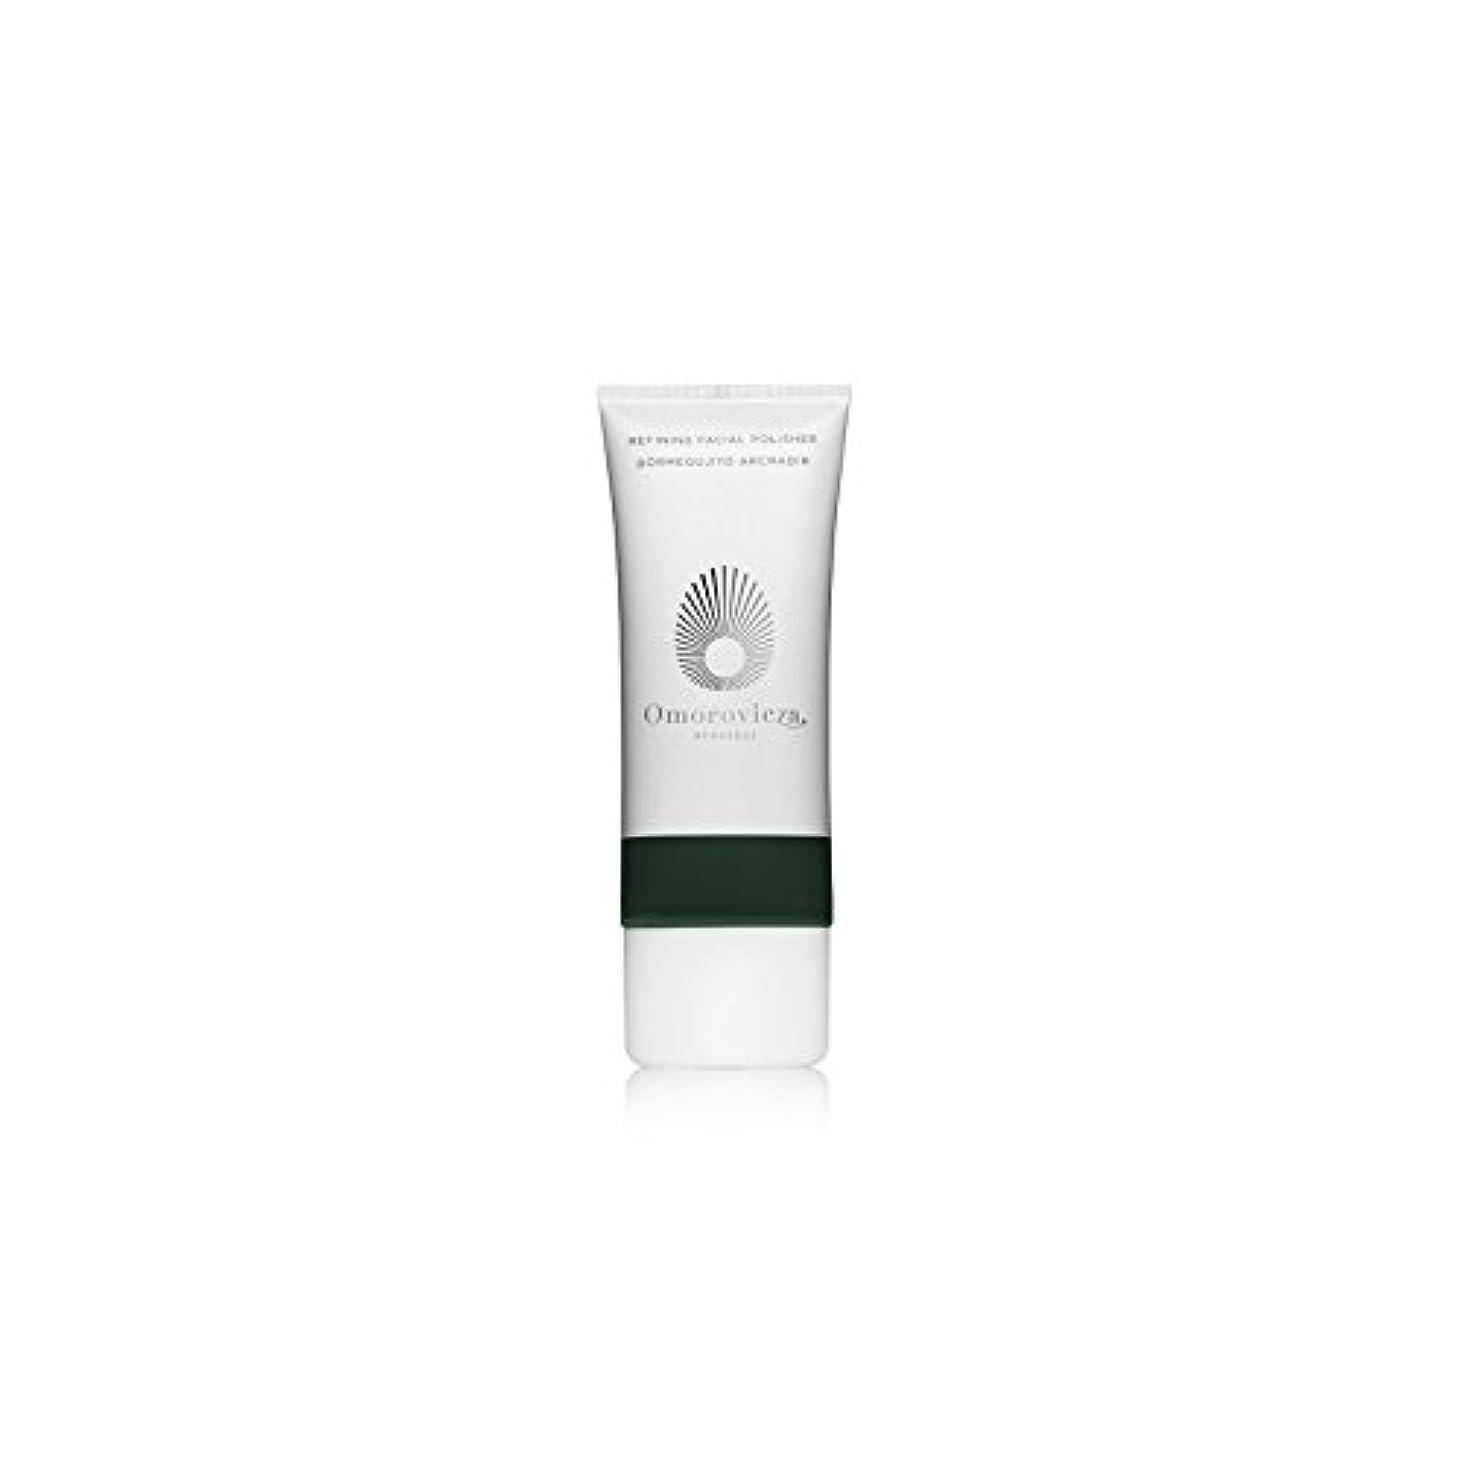 ナットレース暴露精錬顔のポリッシャー(100ミリリットル) x4 - Omorovicza Refining Facial Polisher (100ml) (Pack of 4) [並行輸入品]